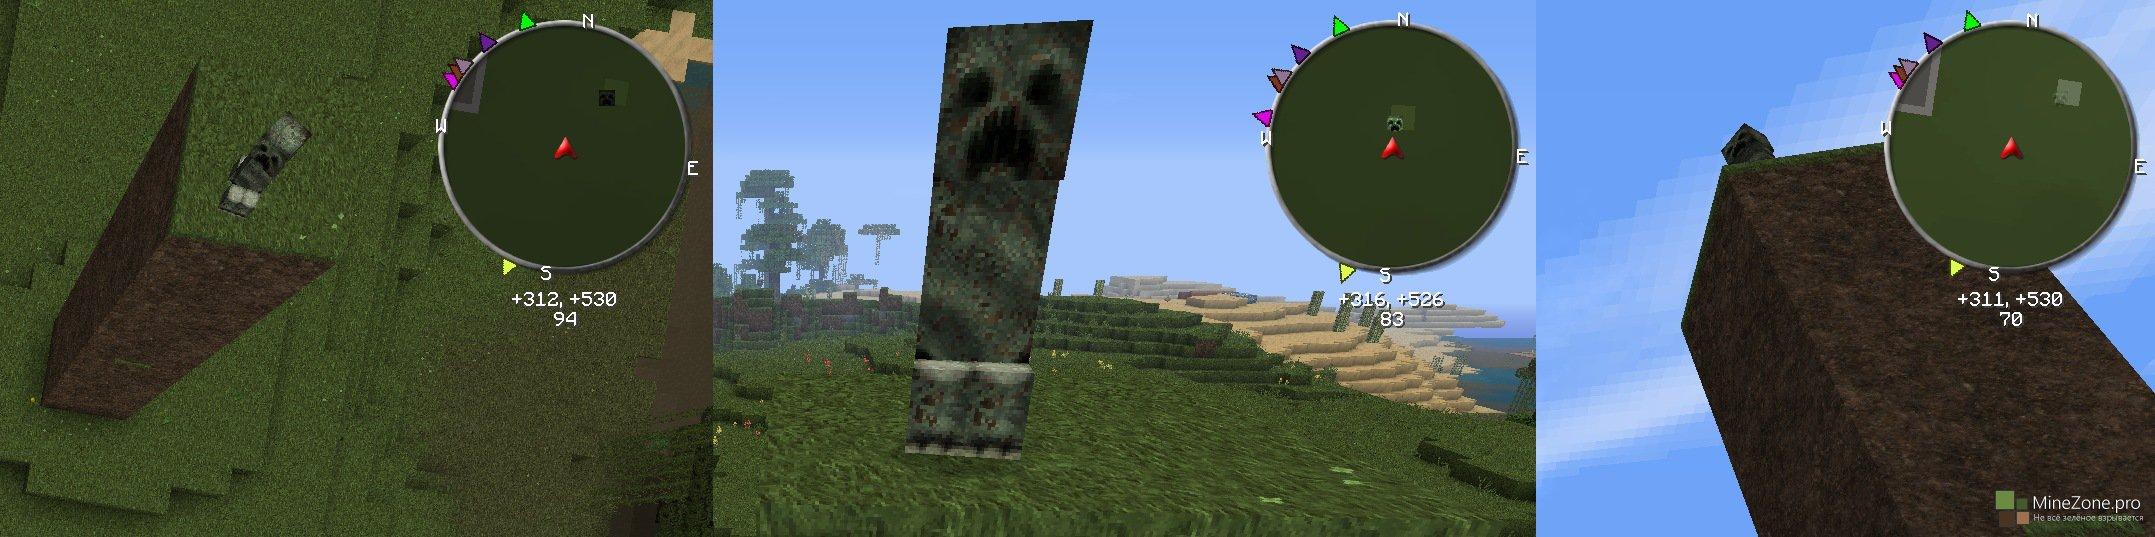 Команда Генератор современного дома для Minecraft 1.11.0/1 ...